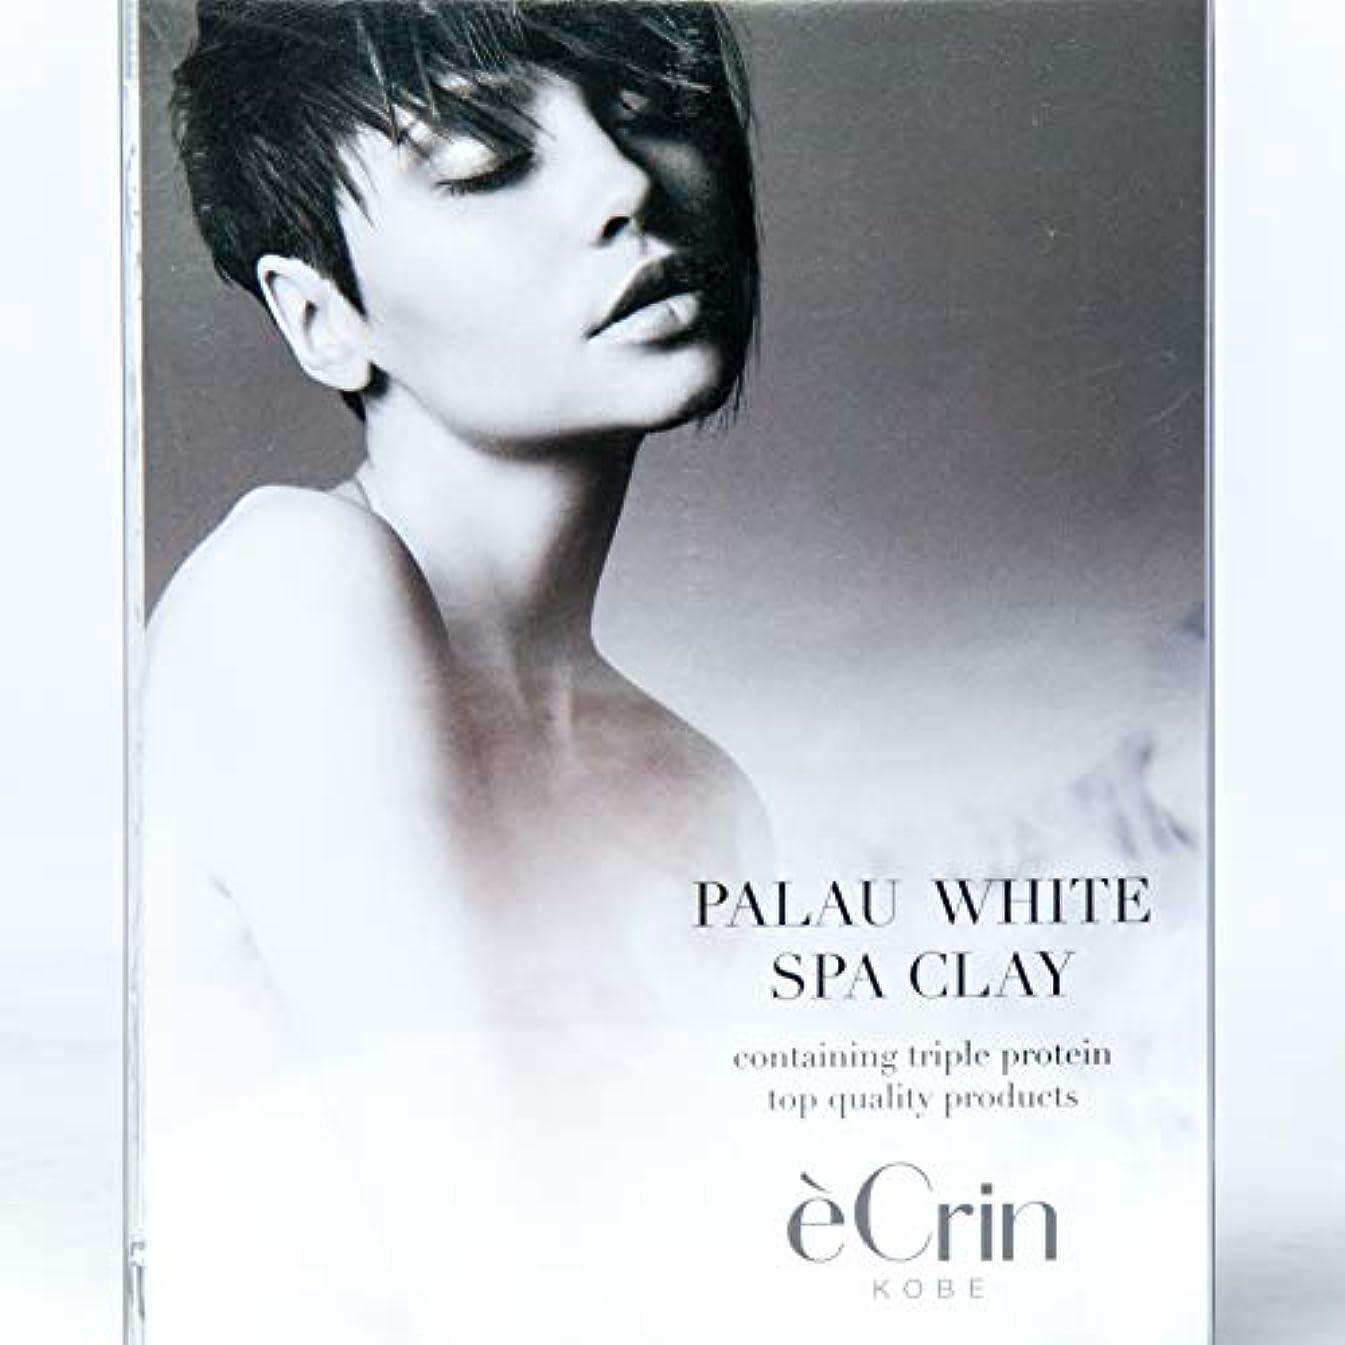 植物のリーガン残高パラオホワイト スパクレイ 入浴用化粧料 ノンシリコン 50g5包